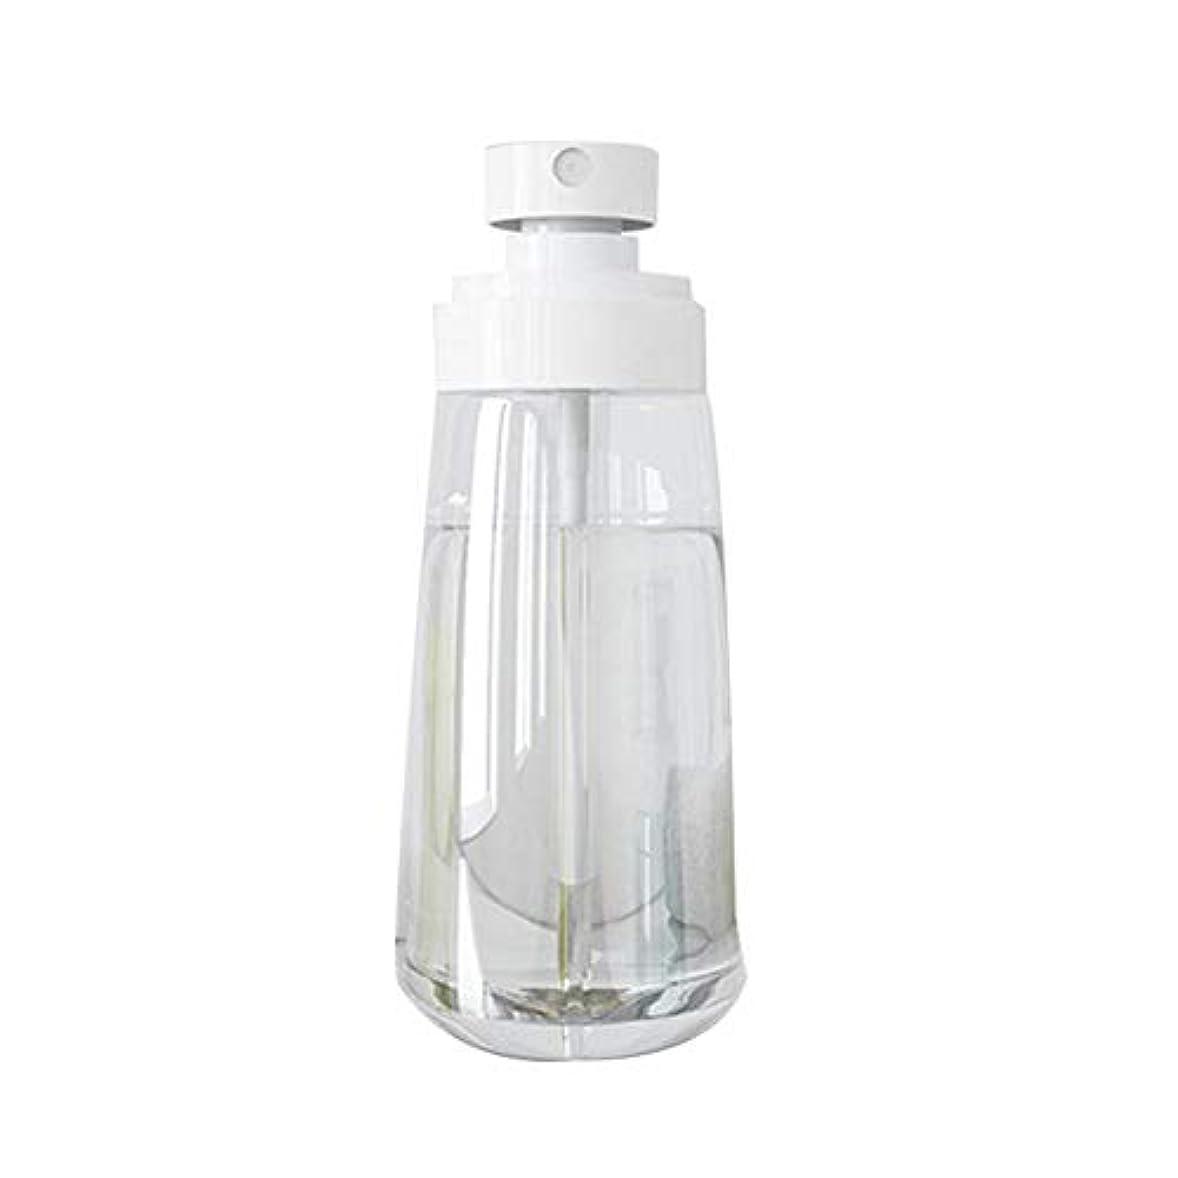 援助するホール歯科医LUERME スプレーボルト 60ml PET製 化粧水の詰替用 極細のミストを噴霧する 旅行用の霧吹き 小分けの容器 アルコール消毒用 アトマイザー